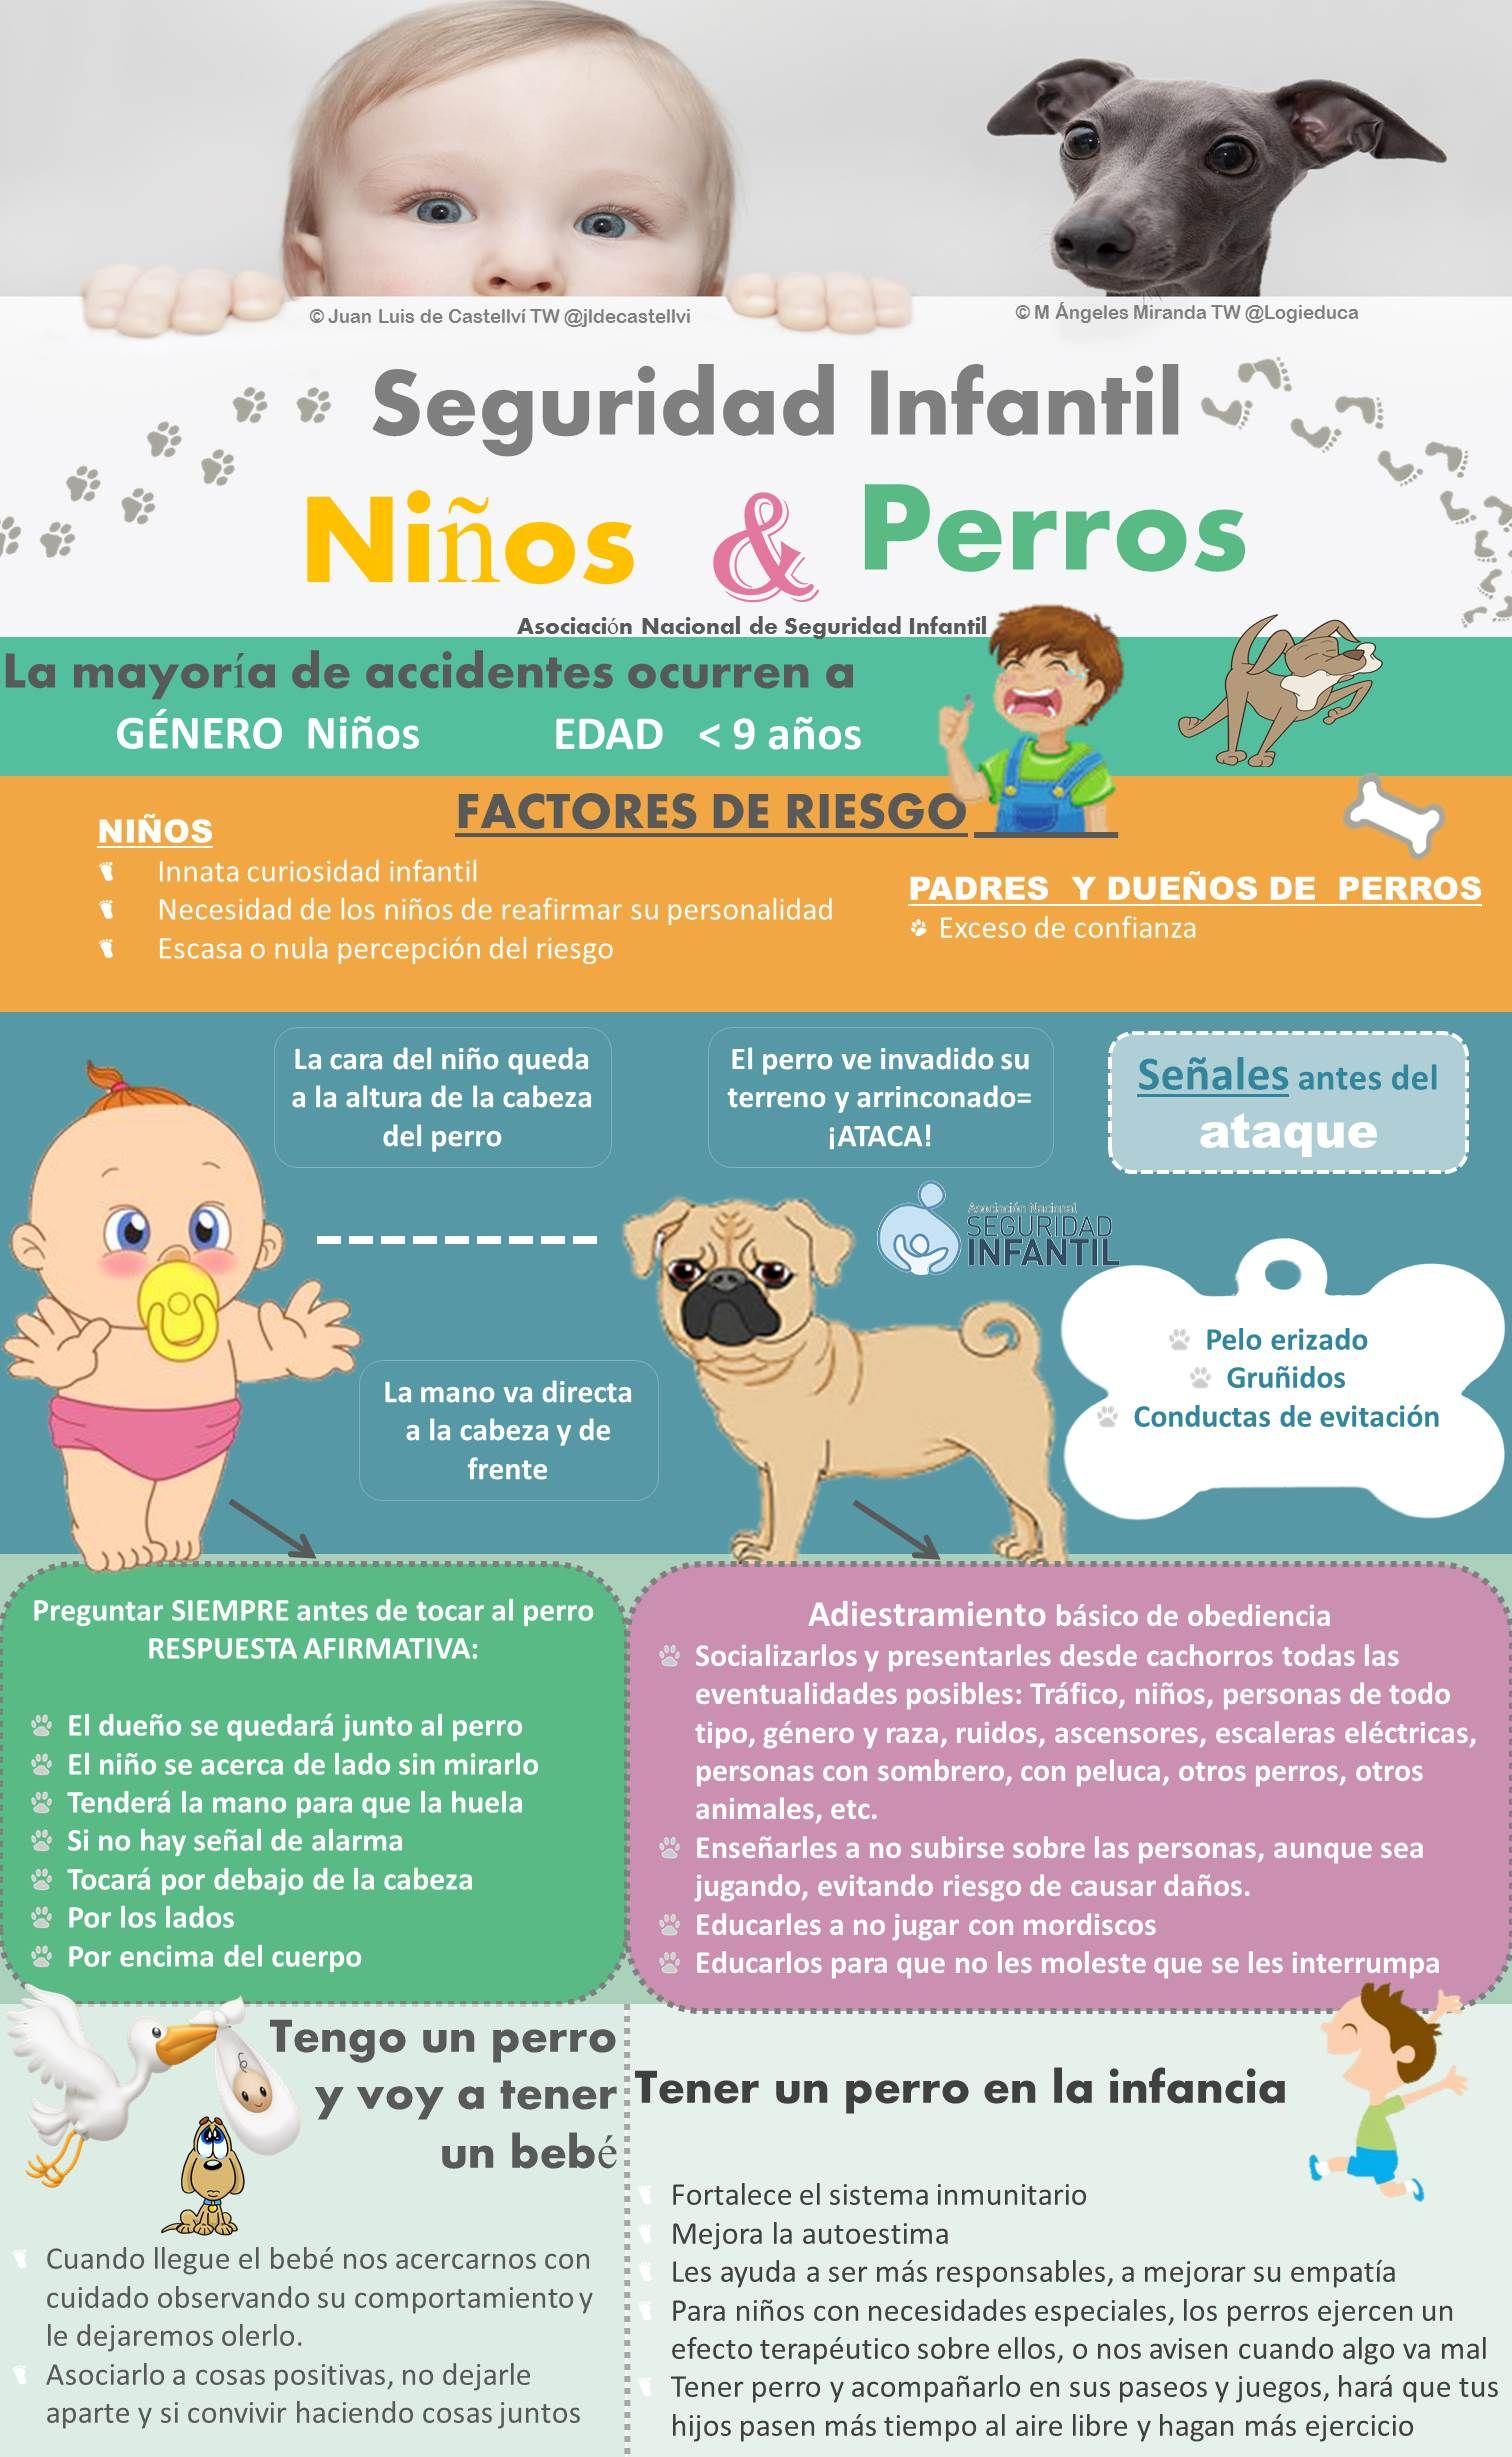 Niños Perros Y Seguridad Infantil Seguridad Infantil Perros Para Niños Dueños De Perros